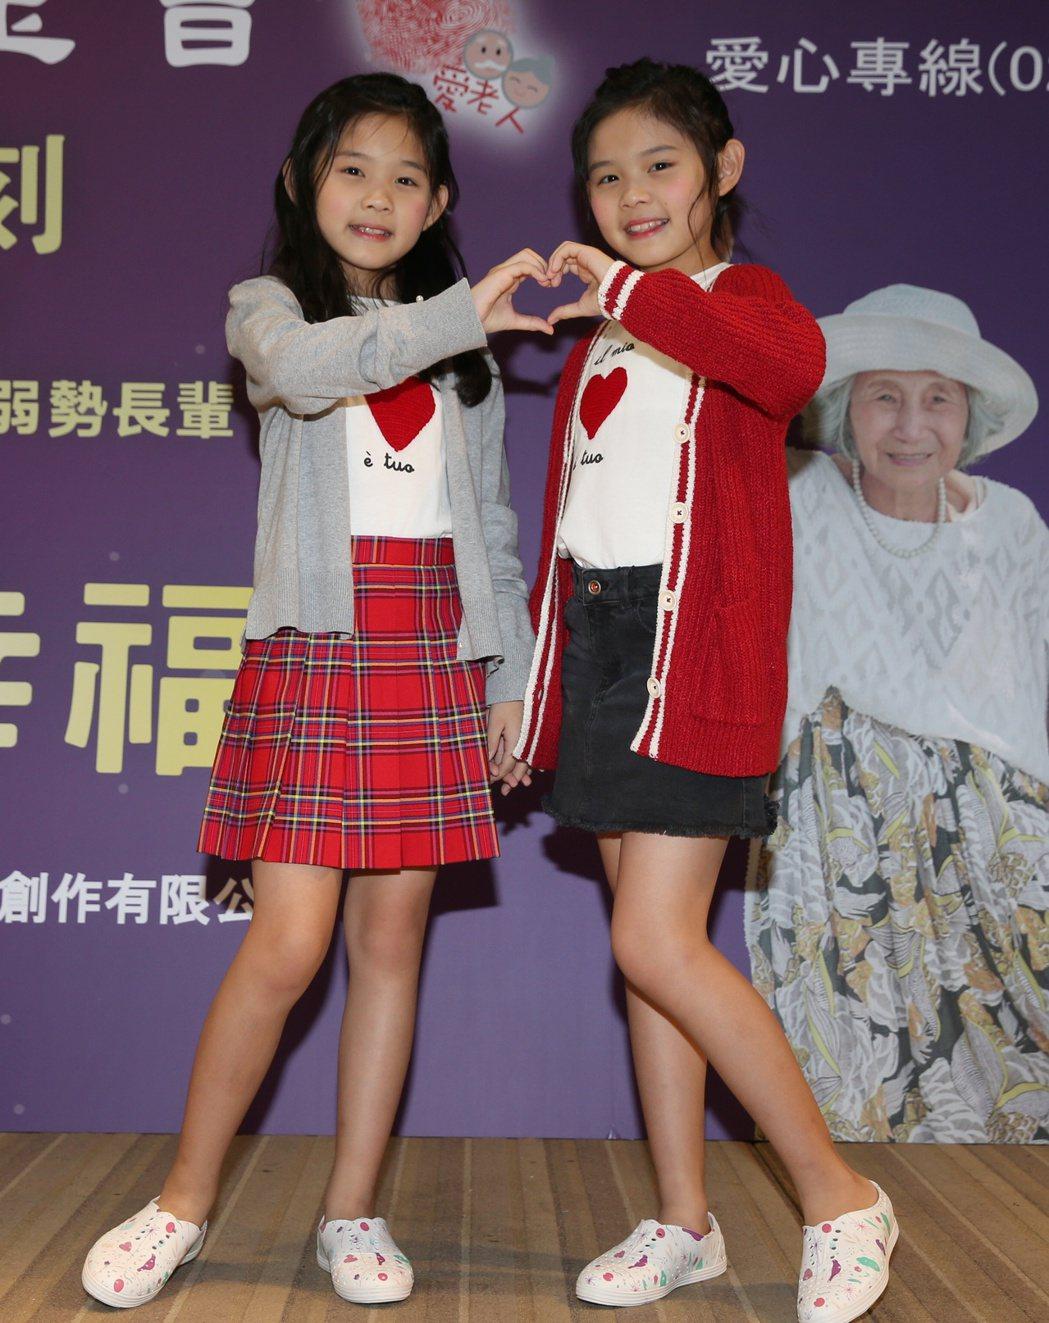 左左右右在課業之餘,努力學習舞蹈。記者侯永全/攝影